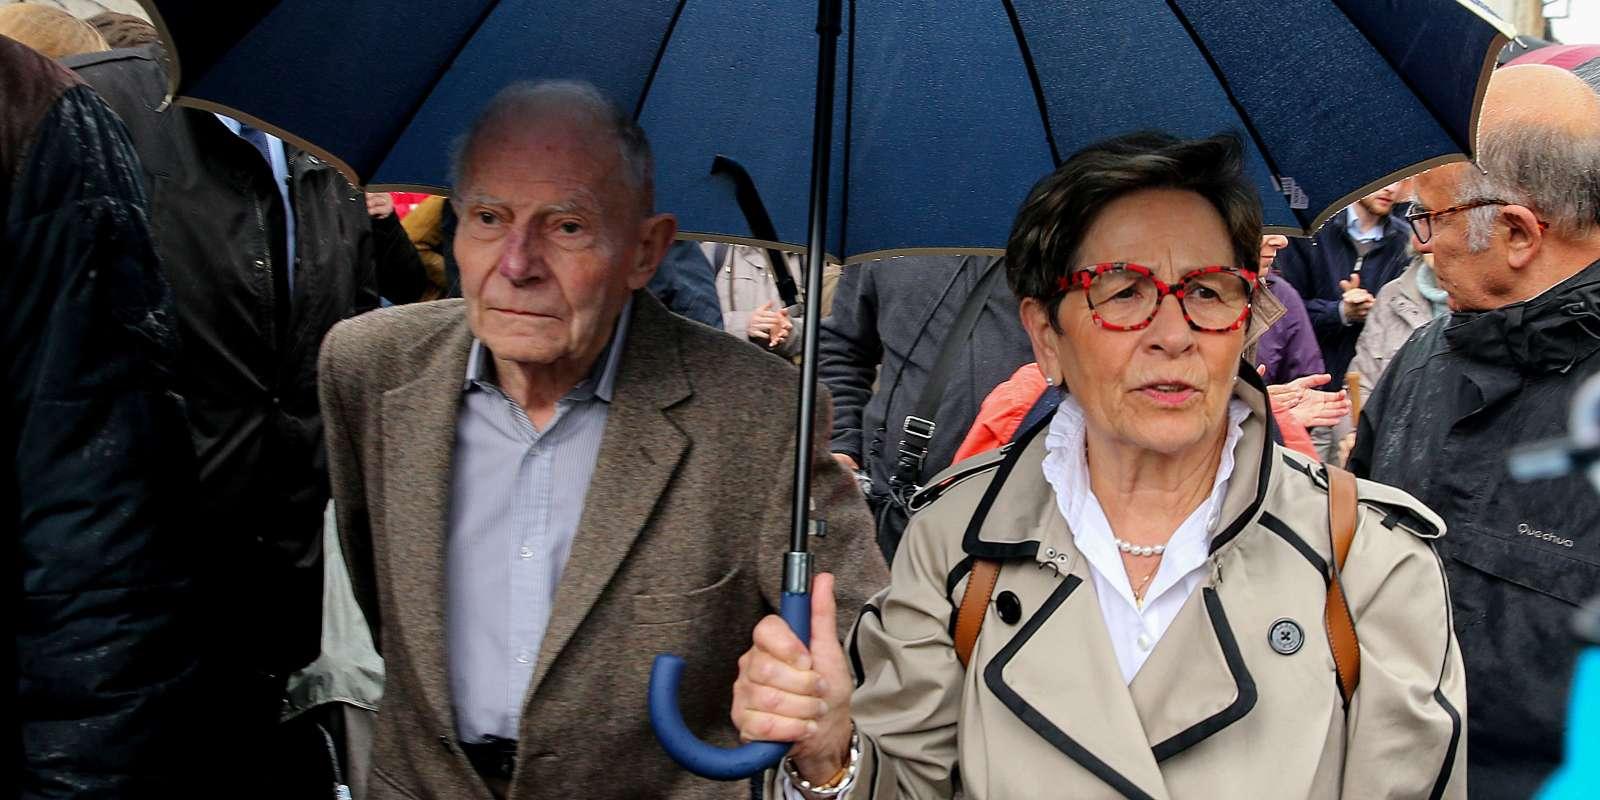 Les parents de Vincent Lambert, à Reims, dimanche19mai 2019. Ils s'opposent à l'arrêt des traitements de leur fils, dans un état végétatif chronique depuis 2008.